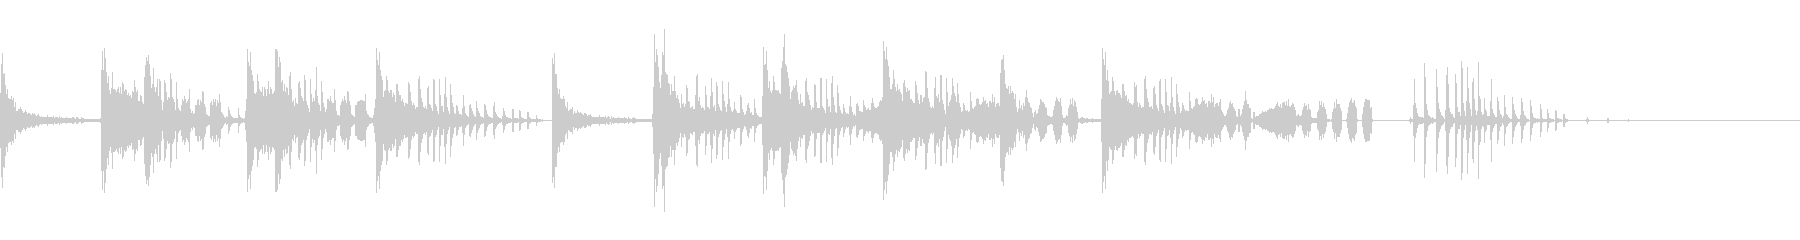 とんとん(派手な建設中の音)B07の未再生の波形